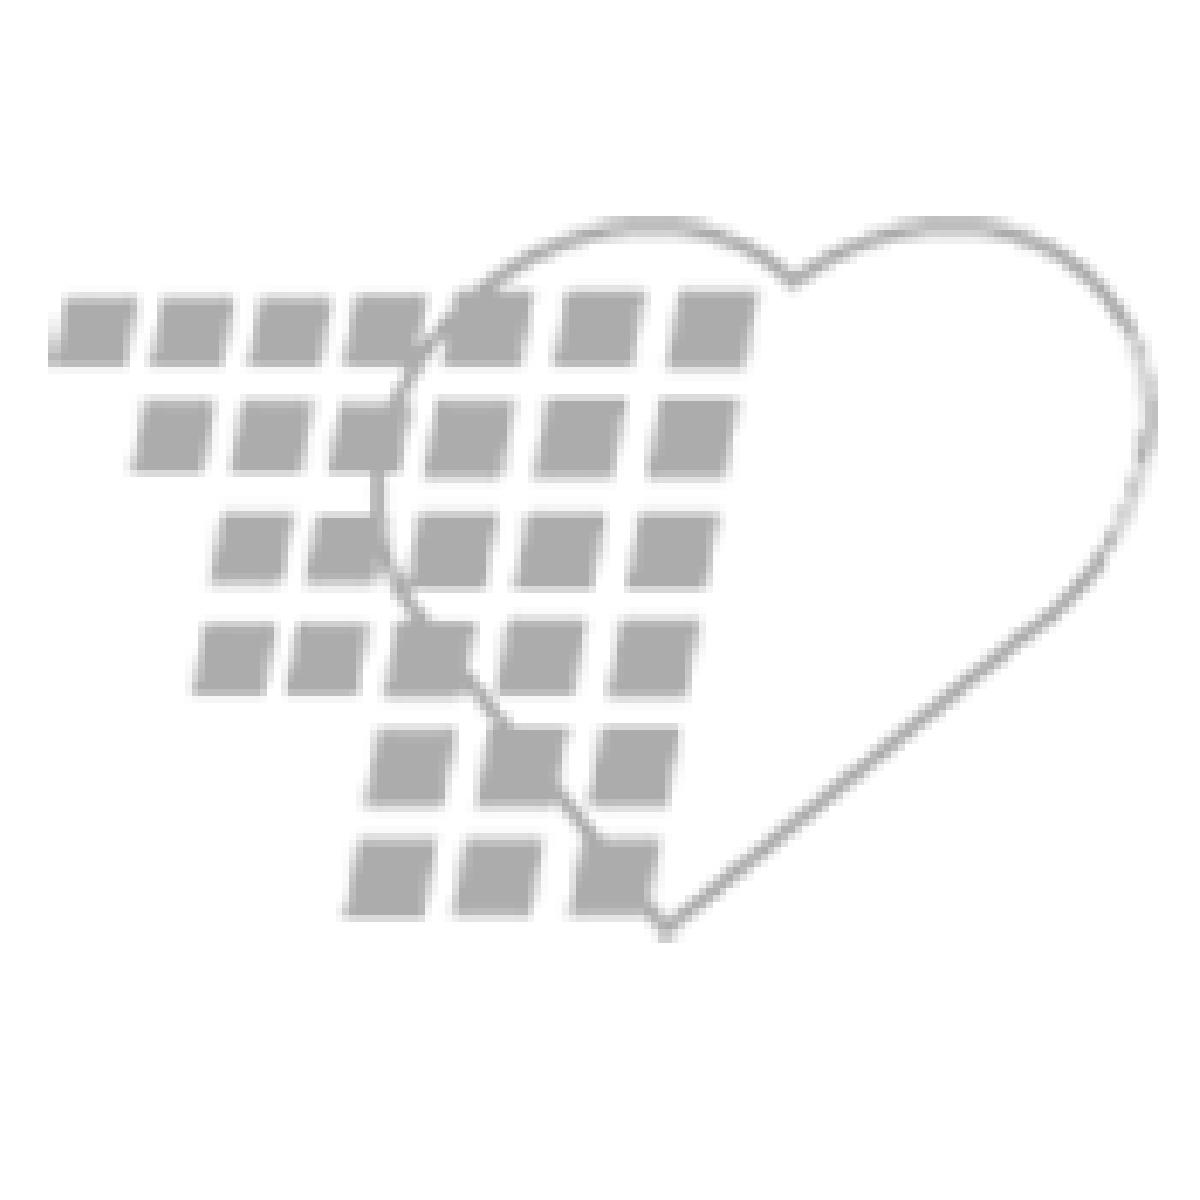 05-68-8301 Form Fit Cervical Collar